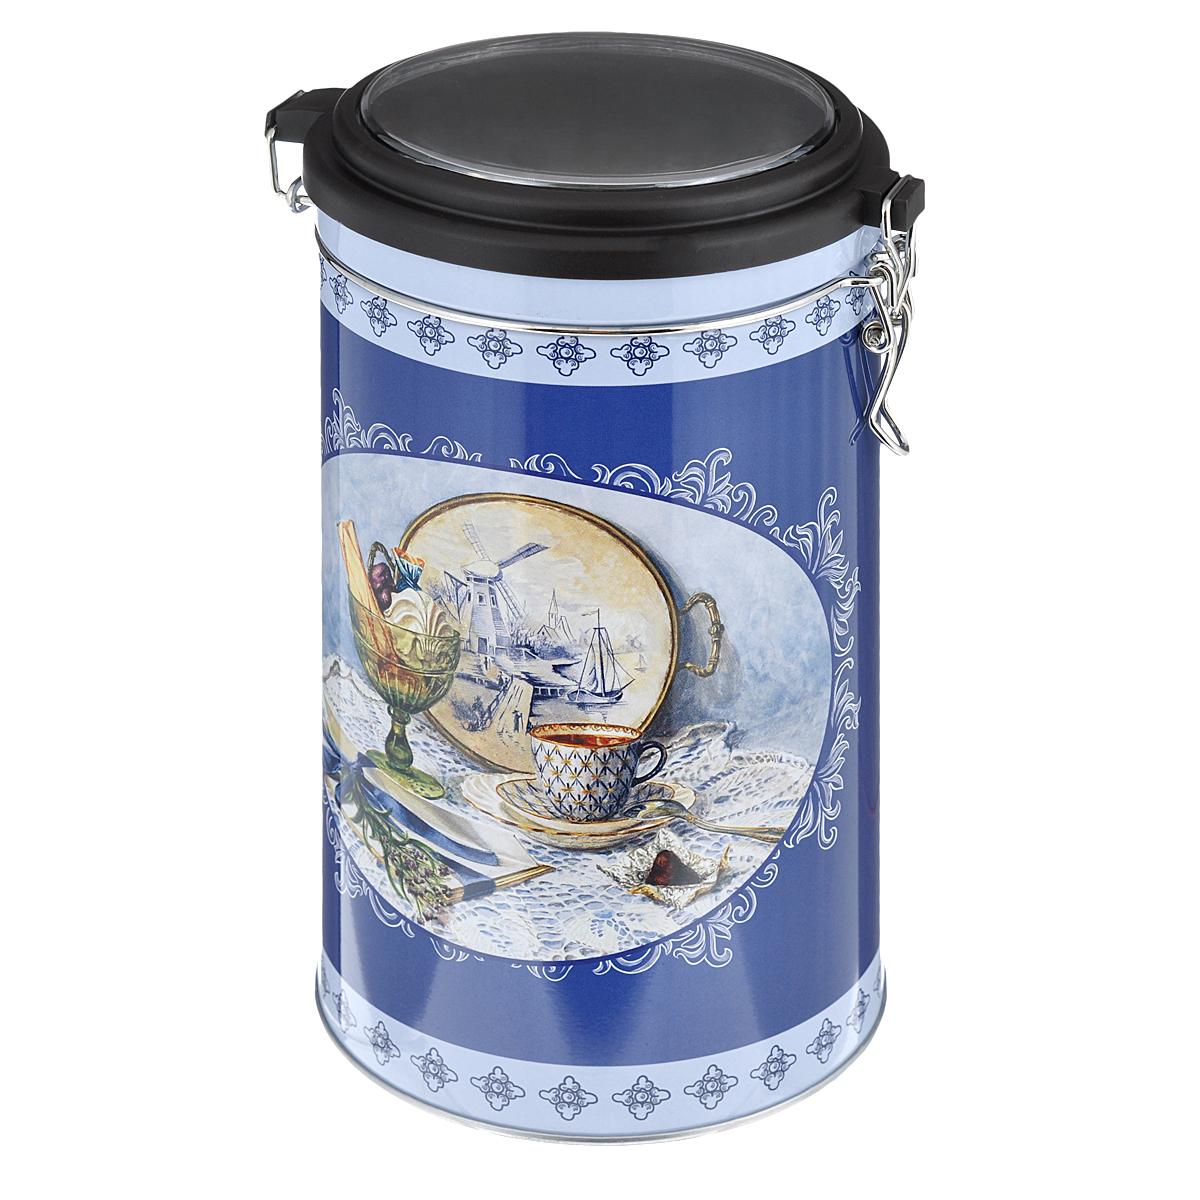 Банка для сыпучих продуктов Феникс-презент Синий натюрморт, 1,8 л37636Банка для сыпучих продуктов Феникс-презент Синий натюрморт, изготовленная из окрашенного черного металла, оформлена ярким рисунком. Банка прекрасно подойдет для хранения различных сыпучих продуктов: специй, чая, кофе, сахара, круп и многого другого. Емкость плотно закрывается прозрачной пластиковой крышкой на металлический замок. Благодаря этому она будет дольше сохранять свежесть ваших продуктов. Функциональная и вместительная, такая банка станет незаменимым аксессуаром на любой кухне. Нельзя мыть в посудомоечной машине. Объем банки: 1,8 л. Высота банки (без учета крышки): 17,4 см. Диаметр банки (по верхнему краю): 10,5 см.